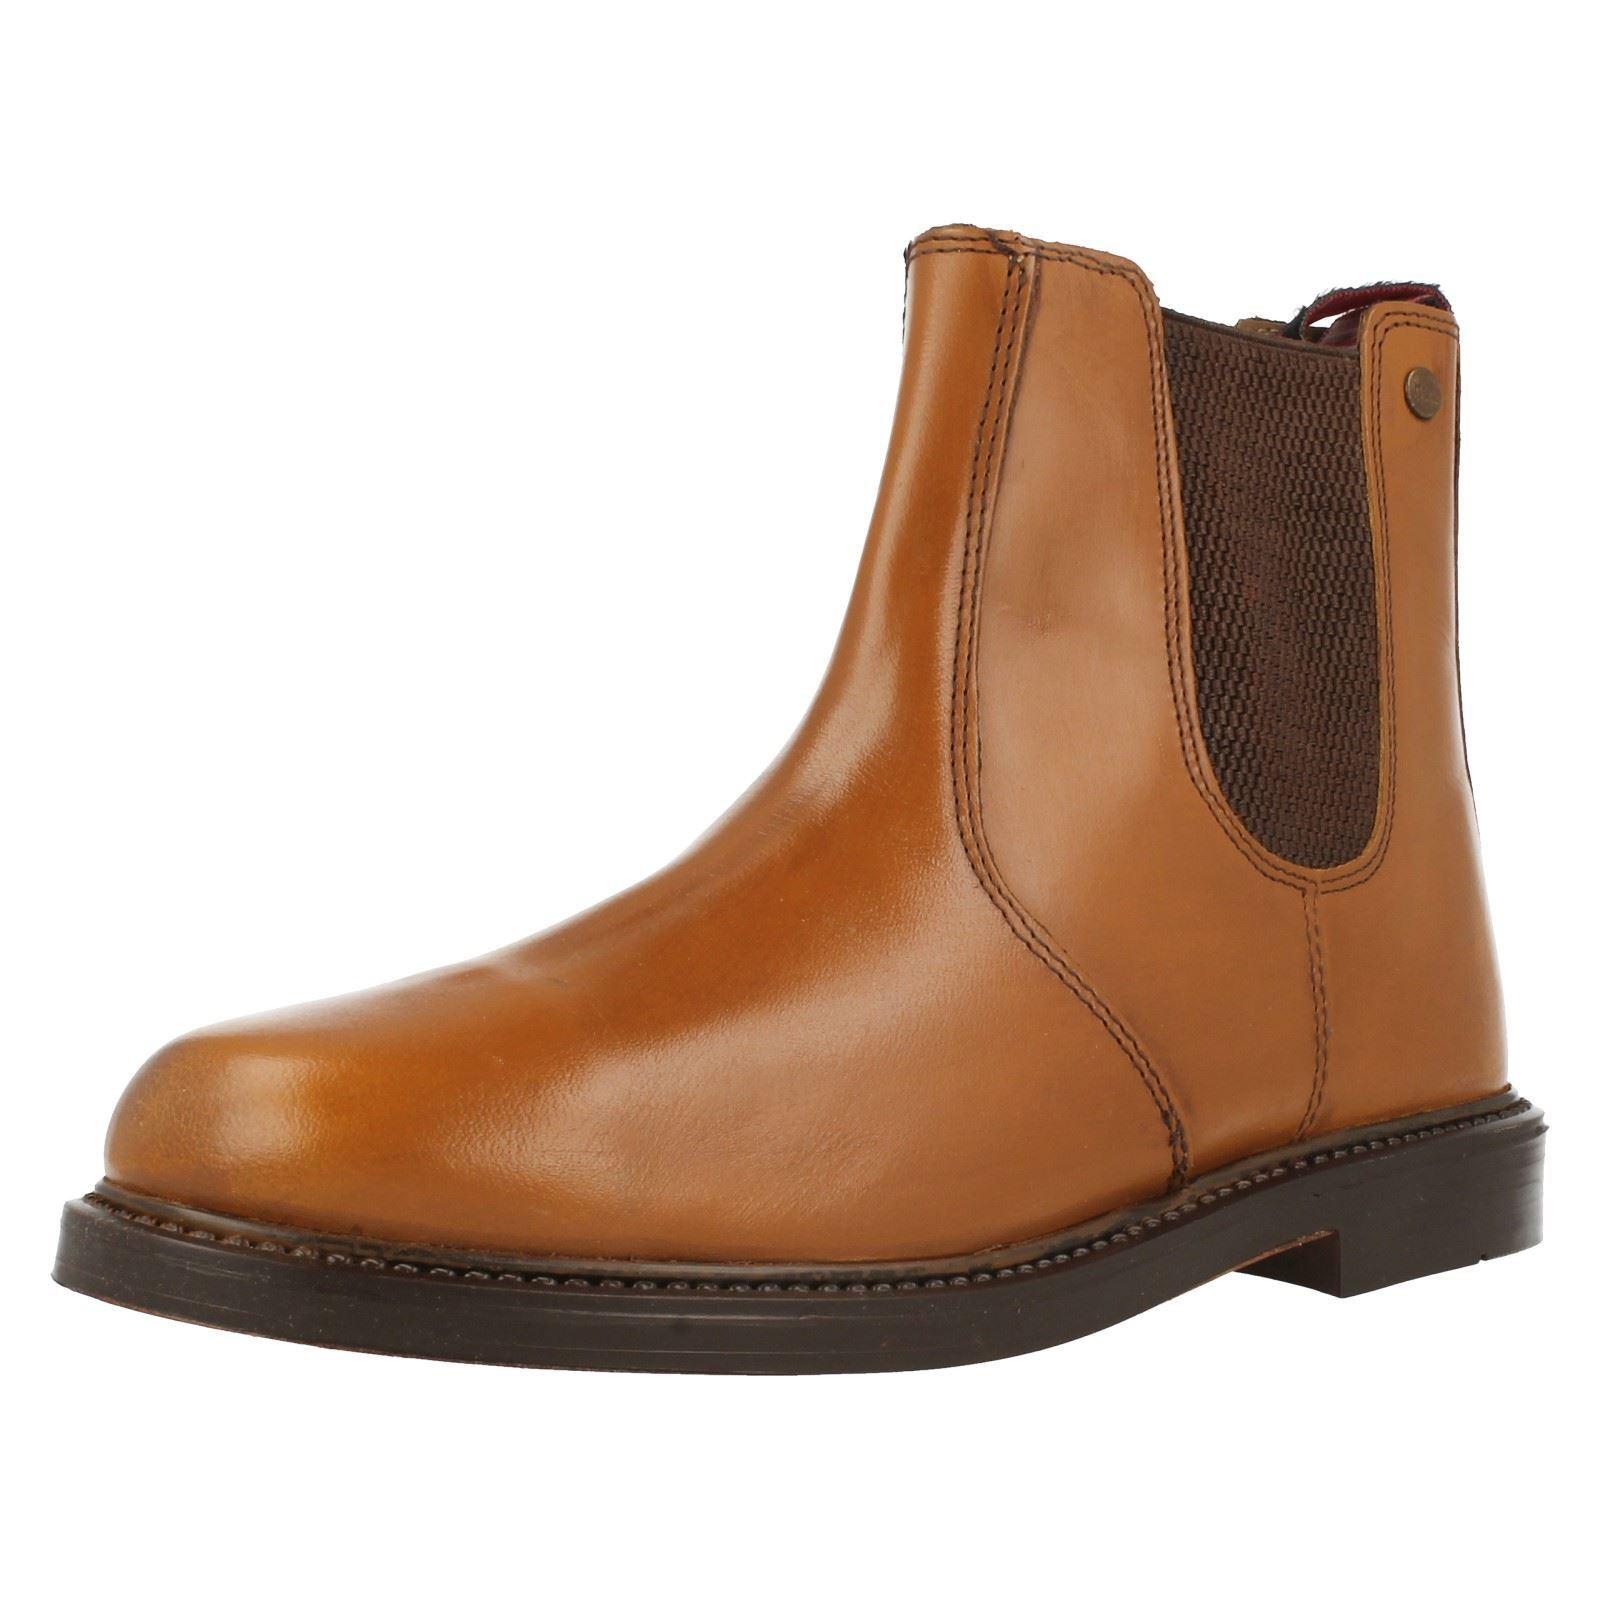 Da uomo HX London hx05 Tan Leather Leather Leather spessi grossi stivali  Chelsea 3e45c3 de98ec195d9